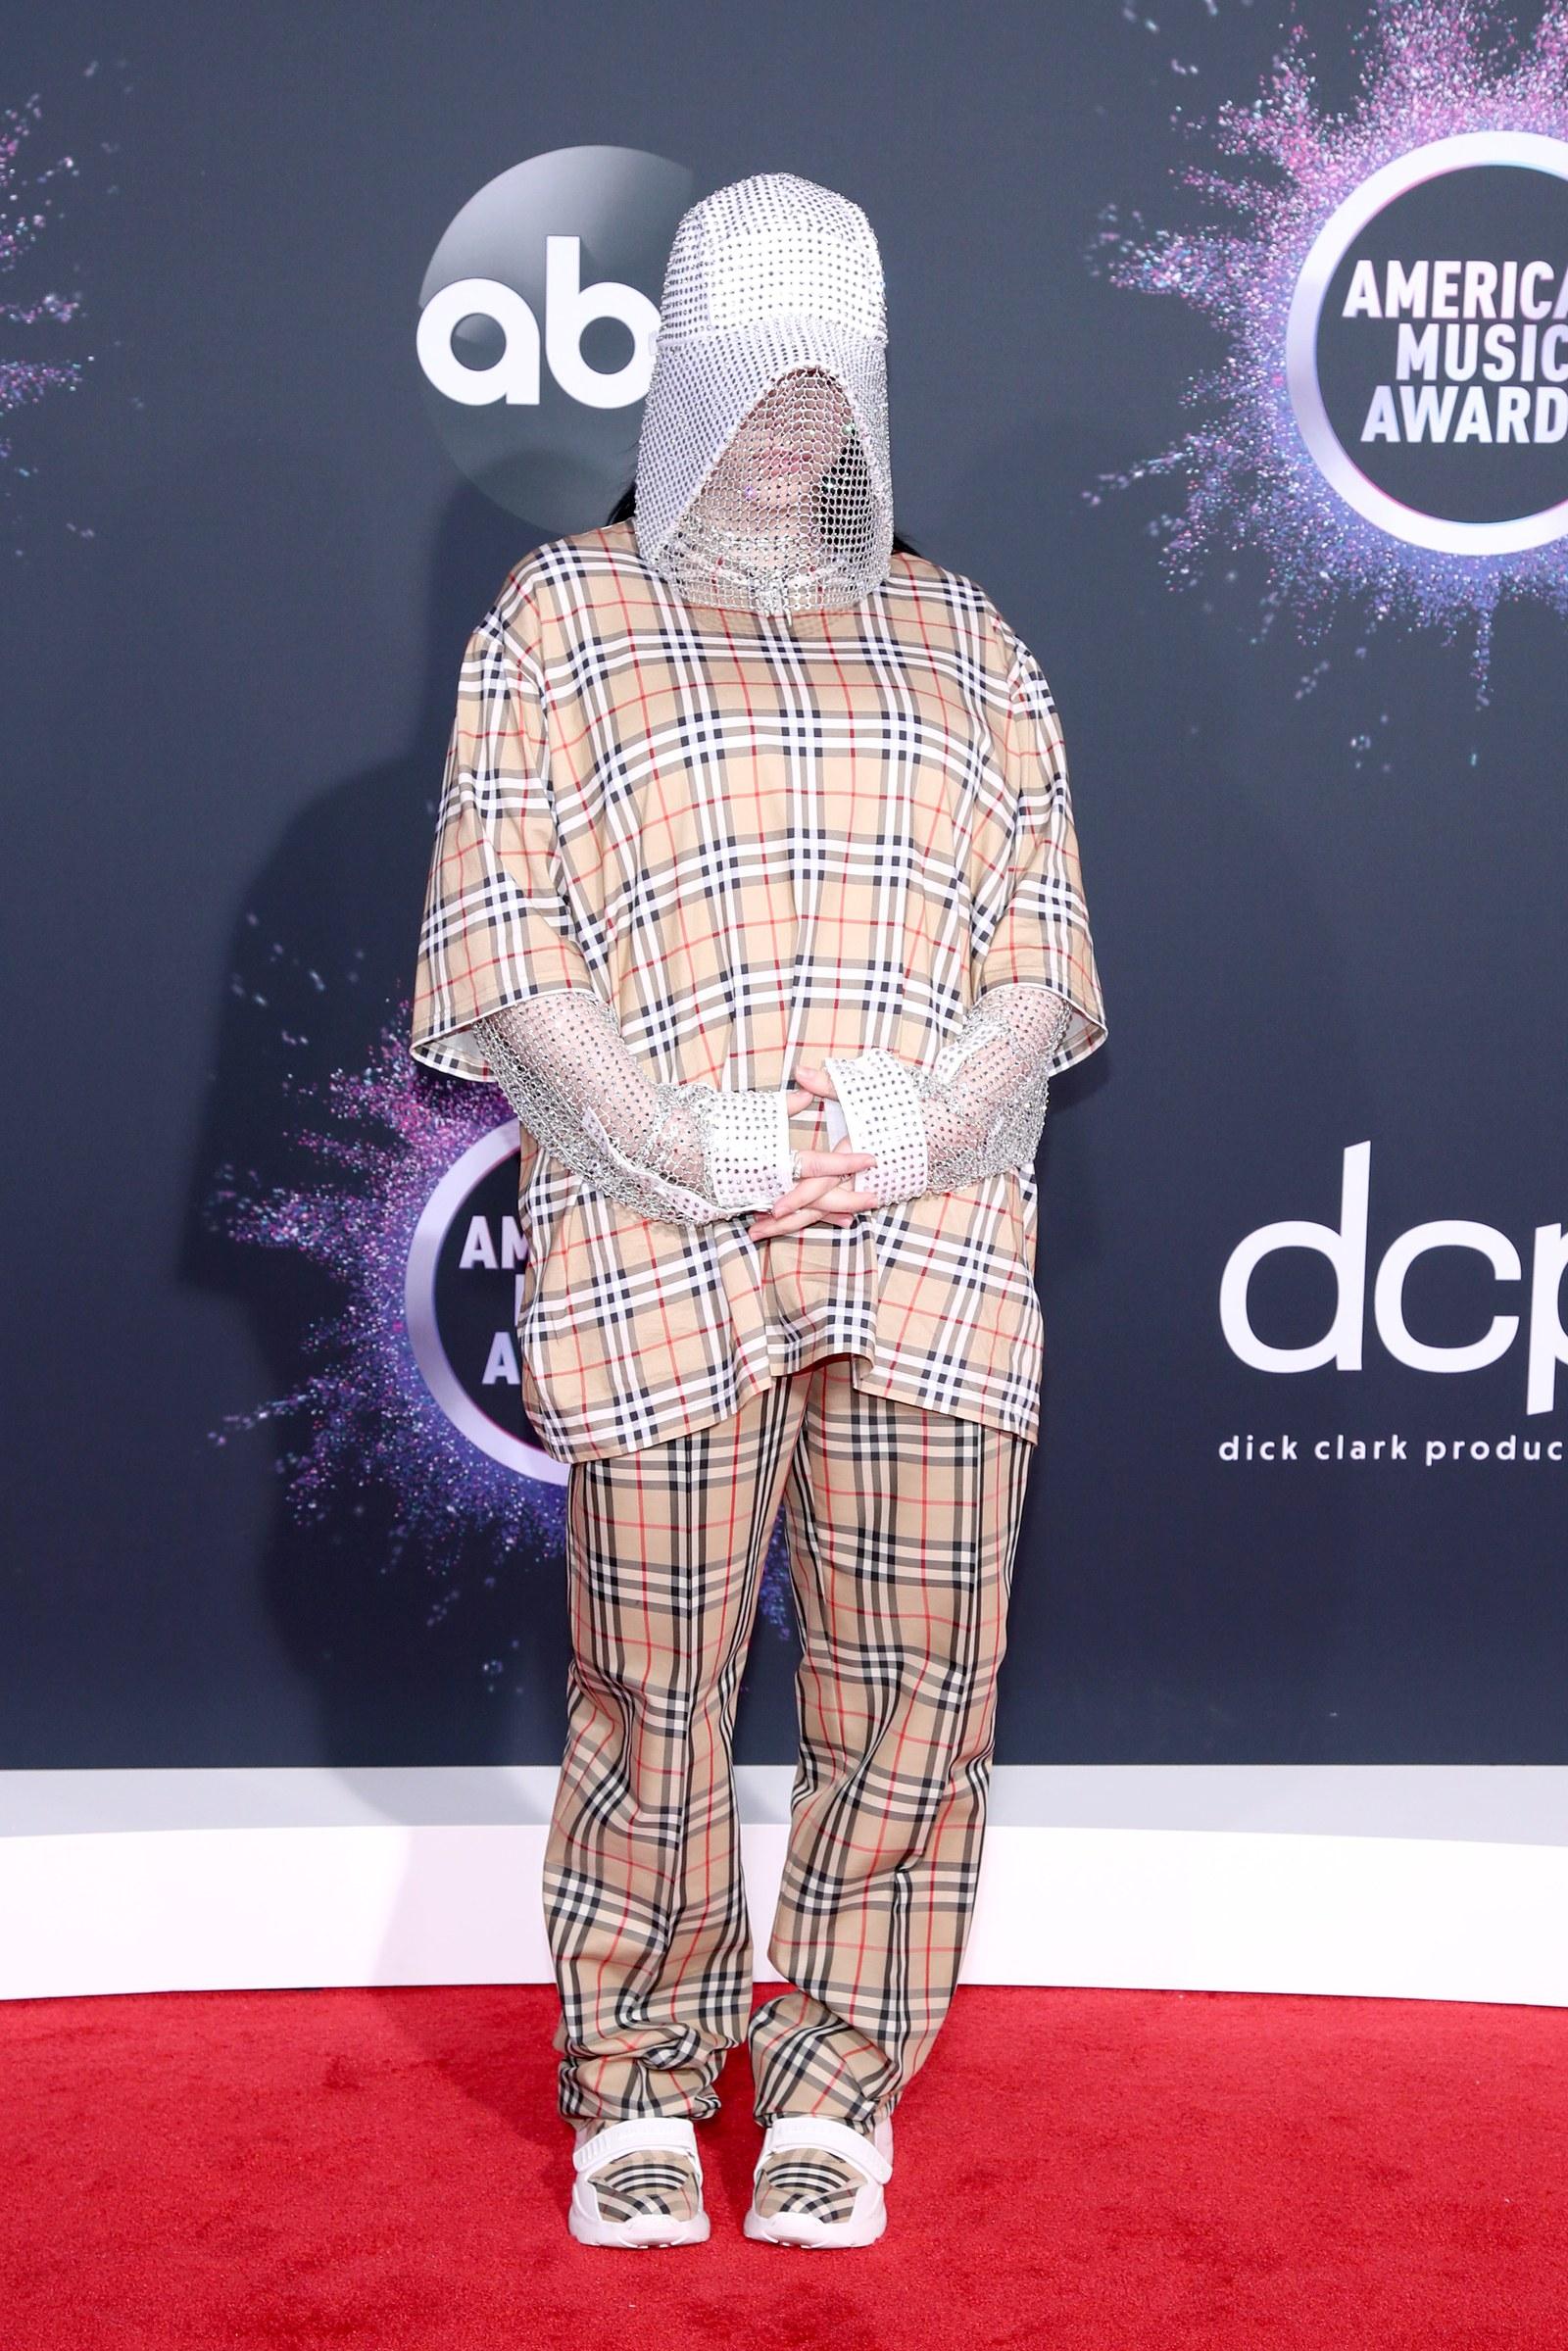 比莉·艾利什将《使女的故事》带到了全美音乐奖的红毯上